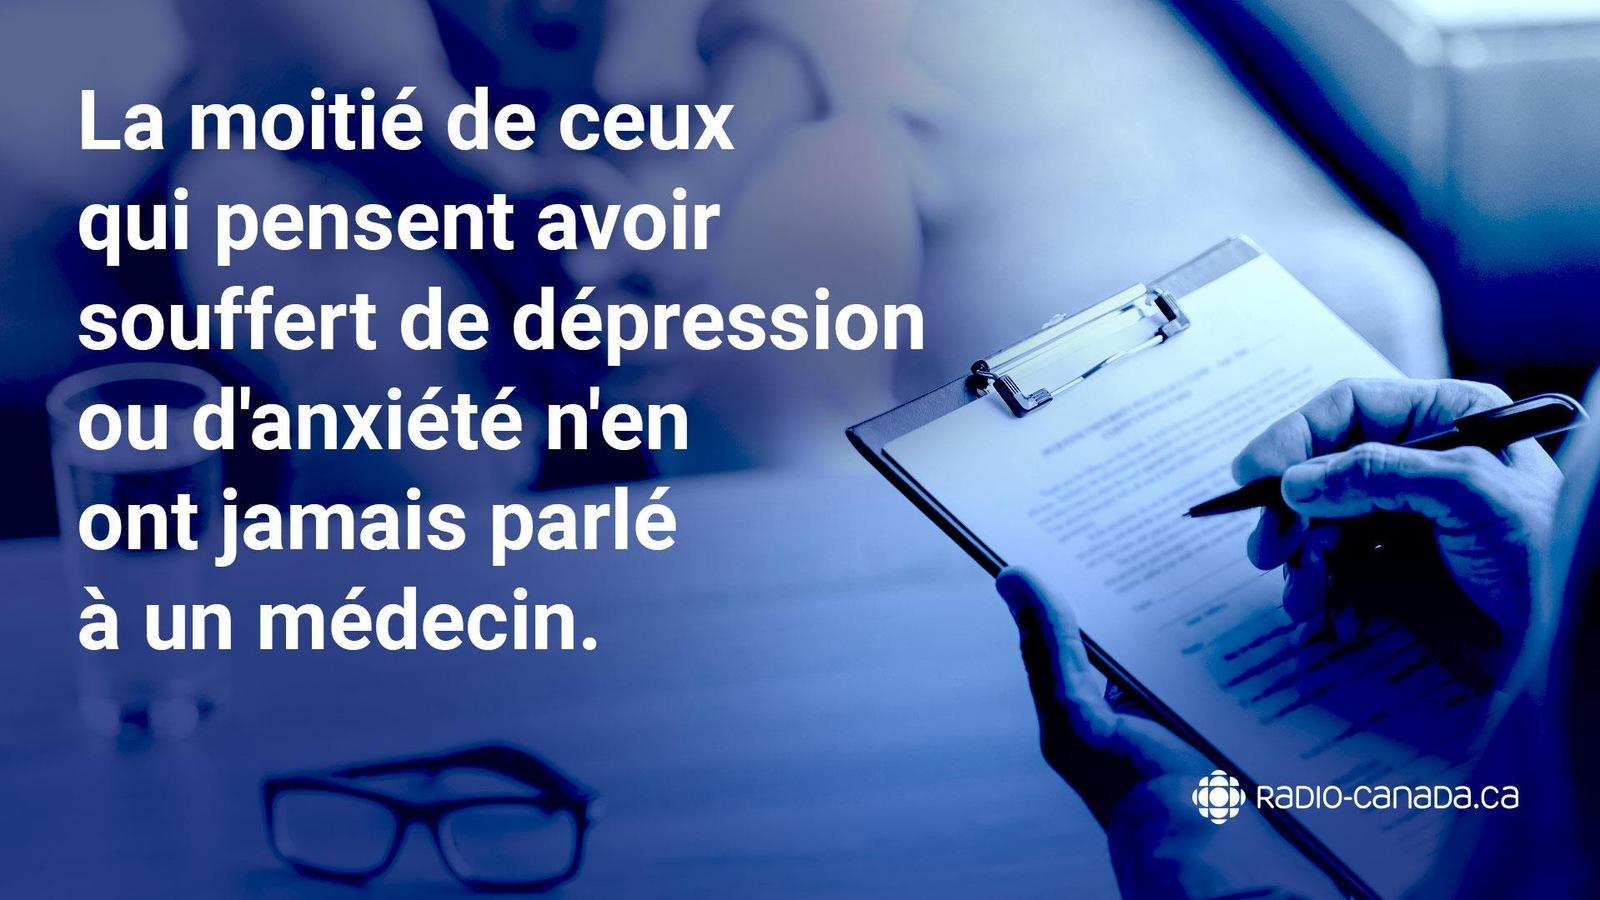 La moitié de ceux qui pensent avoir souffert de dépression ou d'anxiété n'en ont jamais parlé à un médecin.